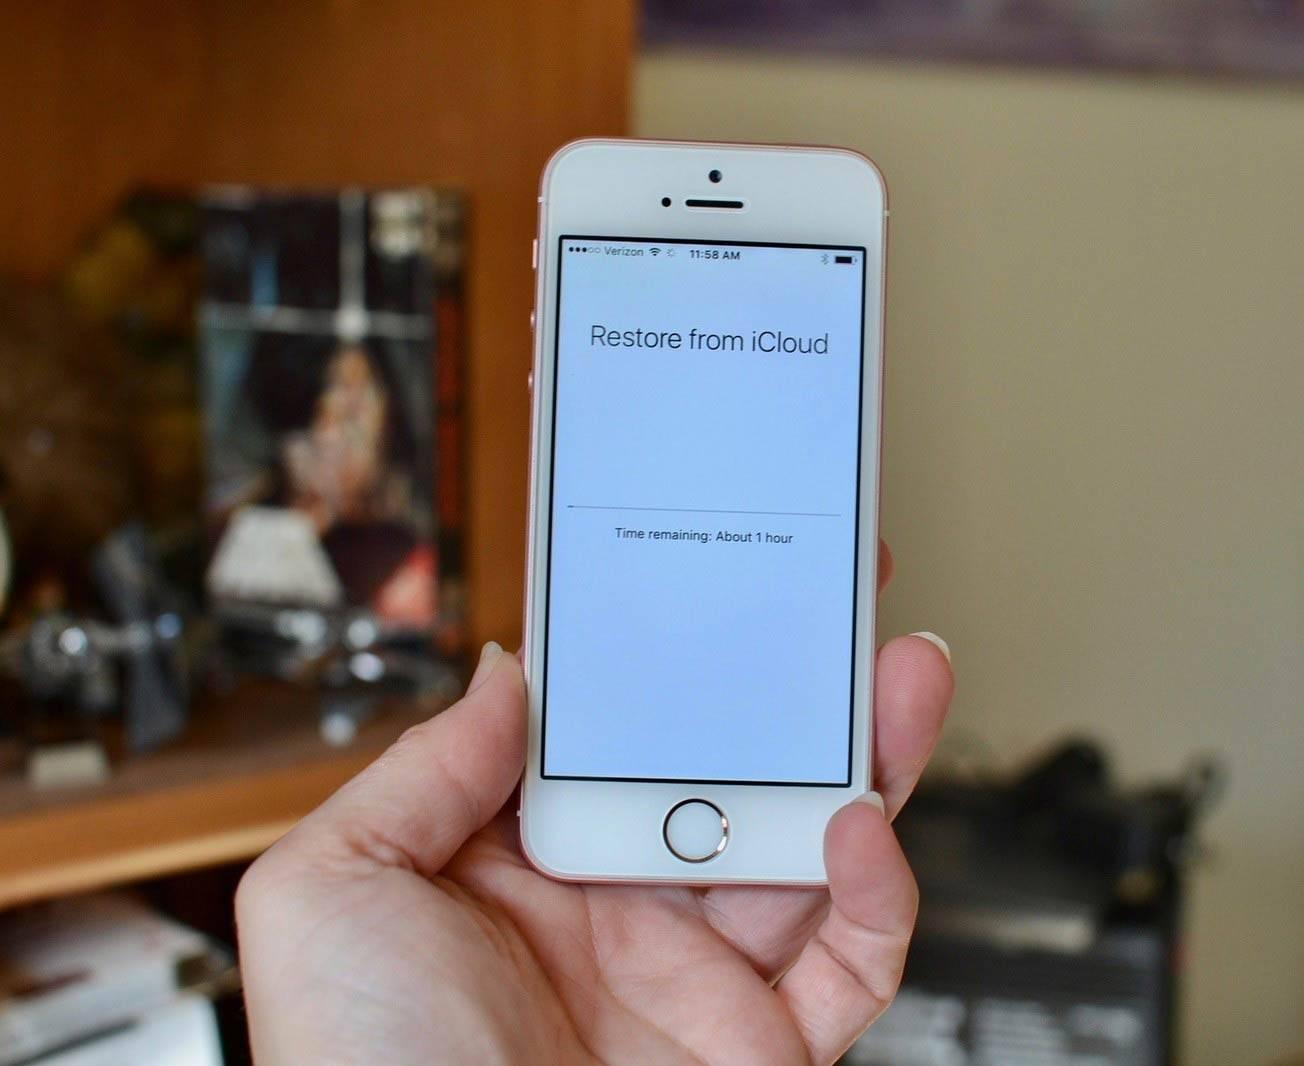 تصویر ریستور کردن آیفون با استفاده از بکاپ iCloud